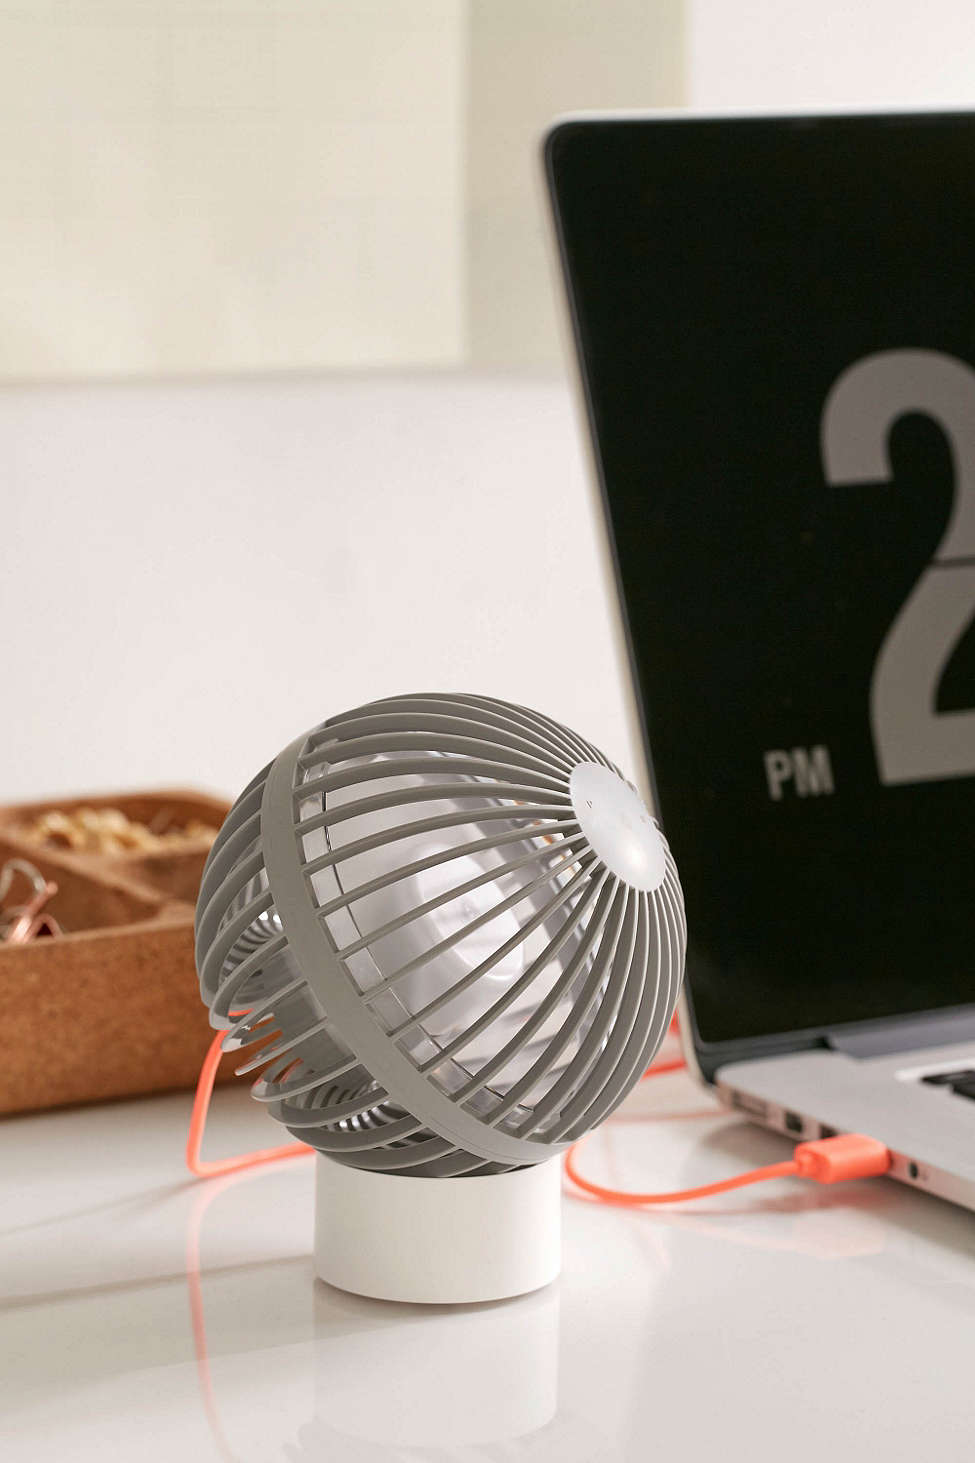 Mini desk fan from Urban Outfitters